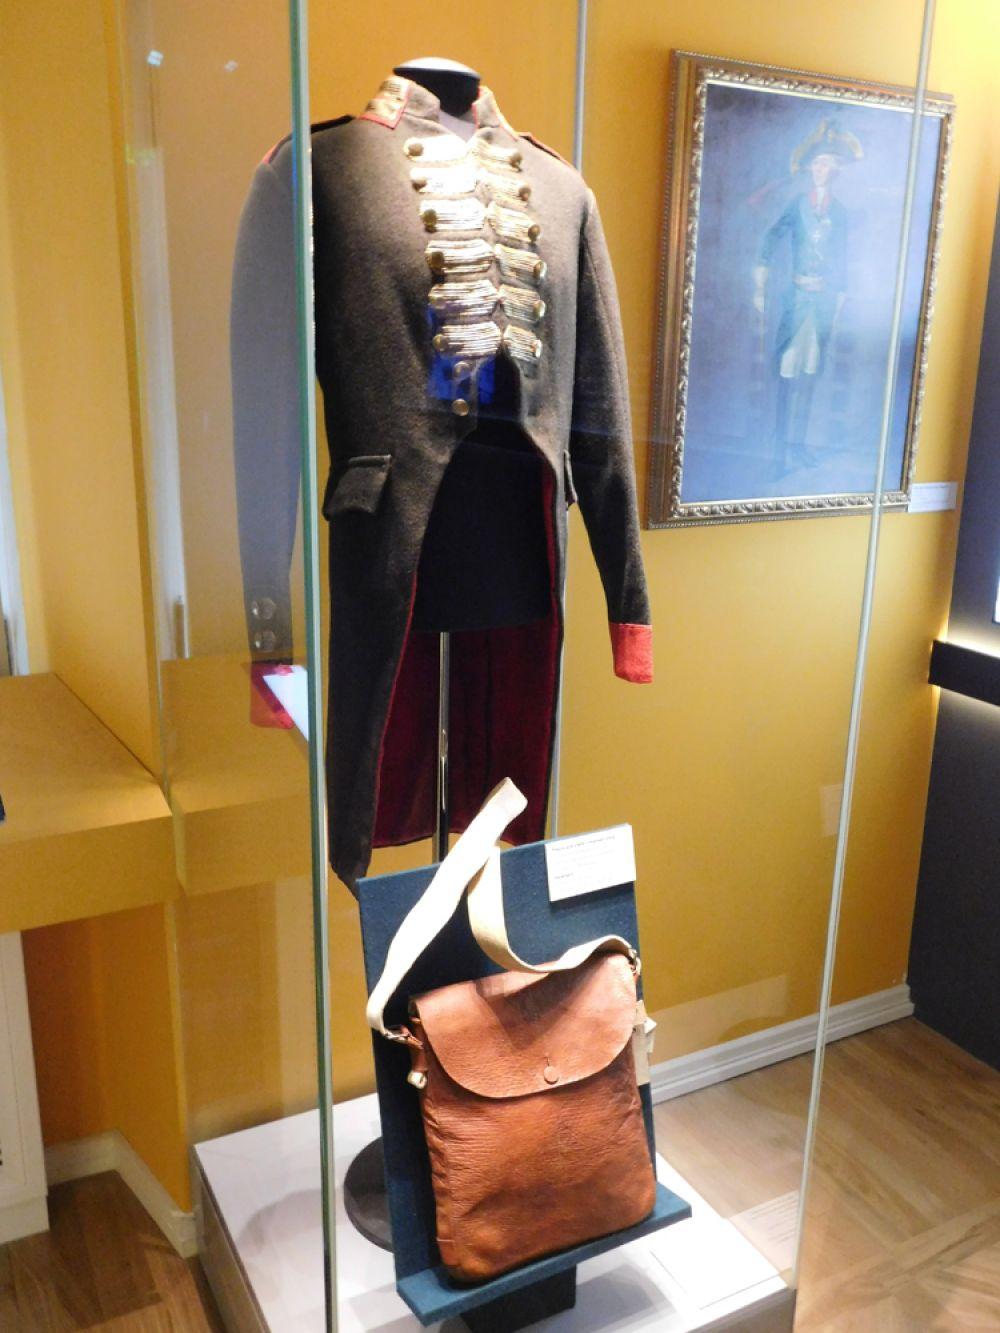 Мундир лейб-батальона Лейб-гвардии Преображенского полка образца 1800 г. Внизу – сухарная сумка, 1800 г.